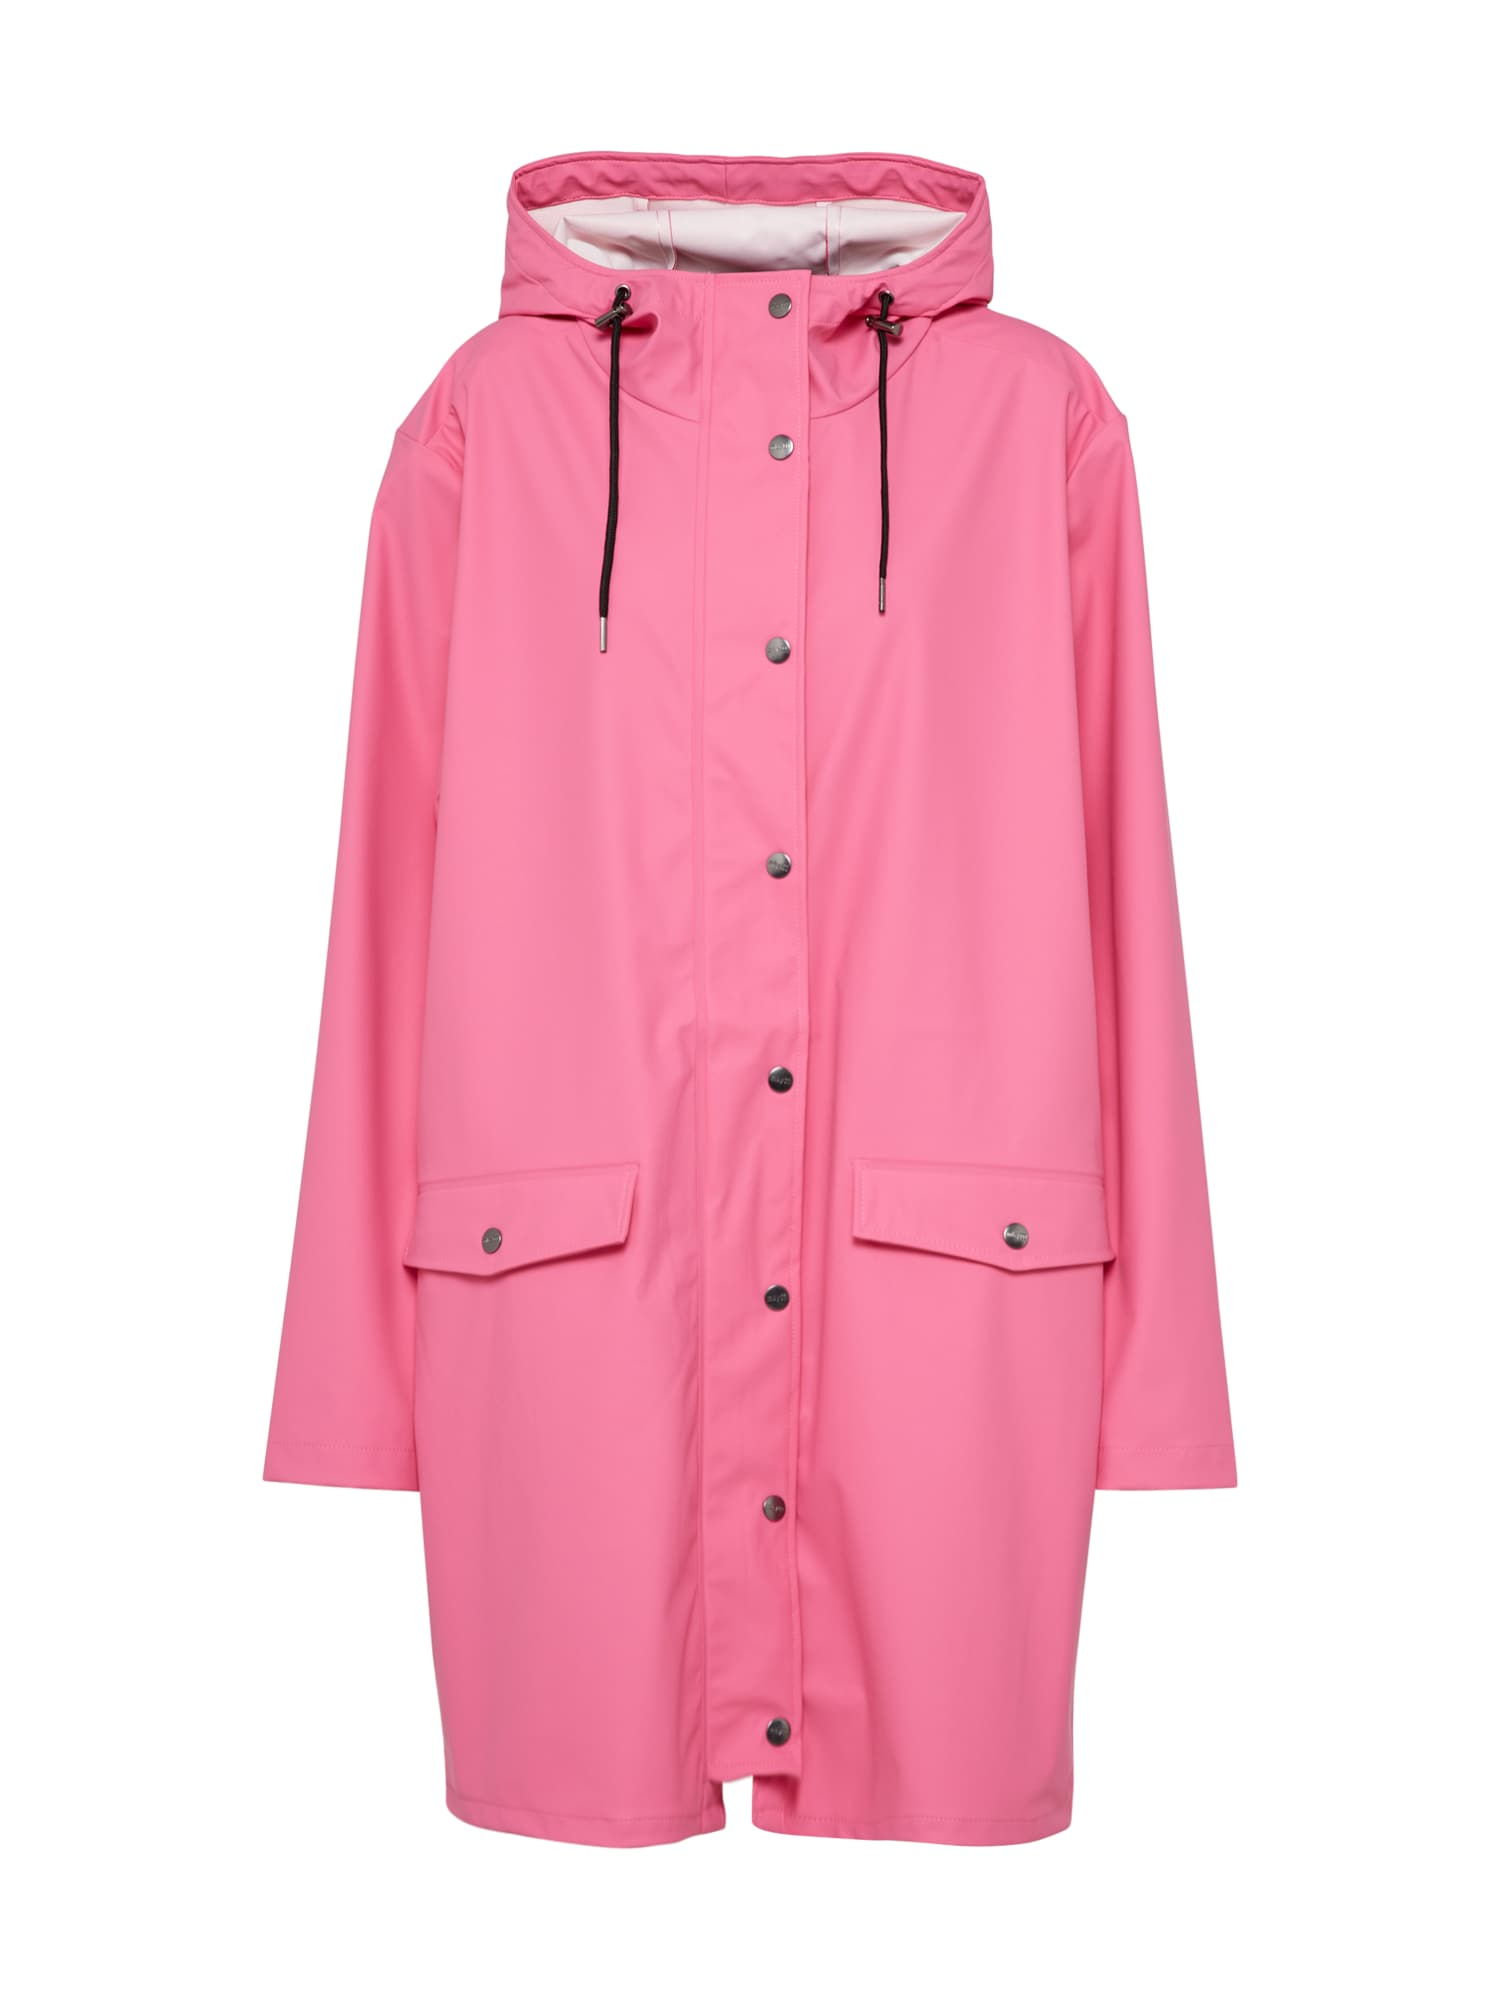 Přechodný kabát Fabiola pink Mbym